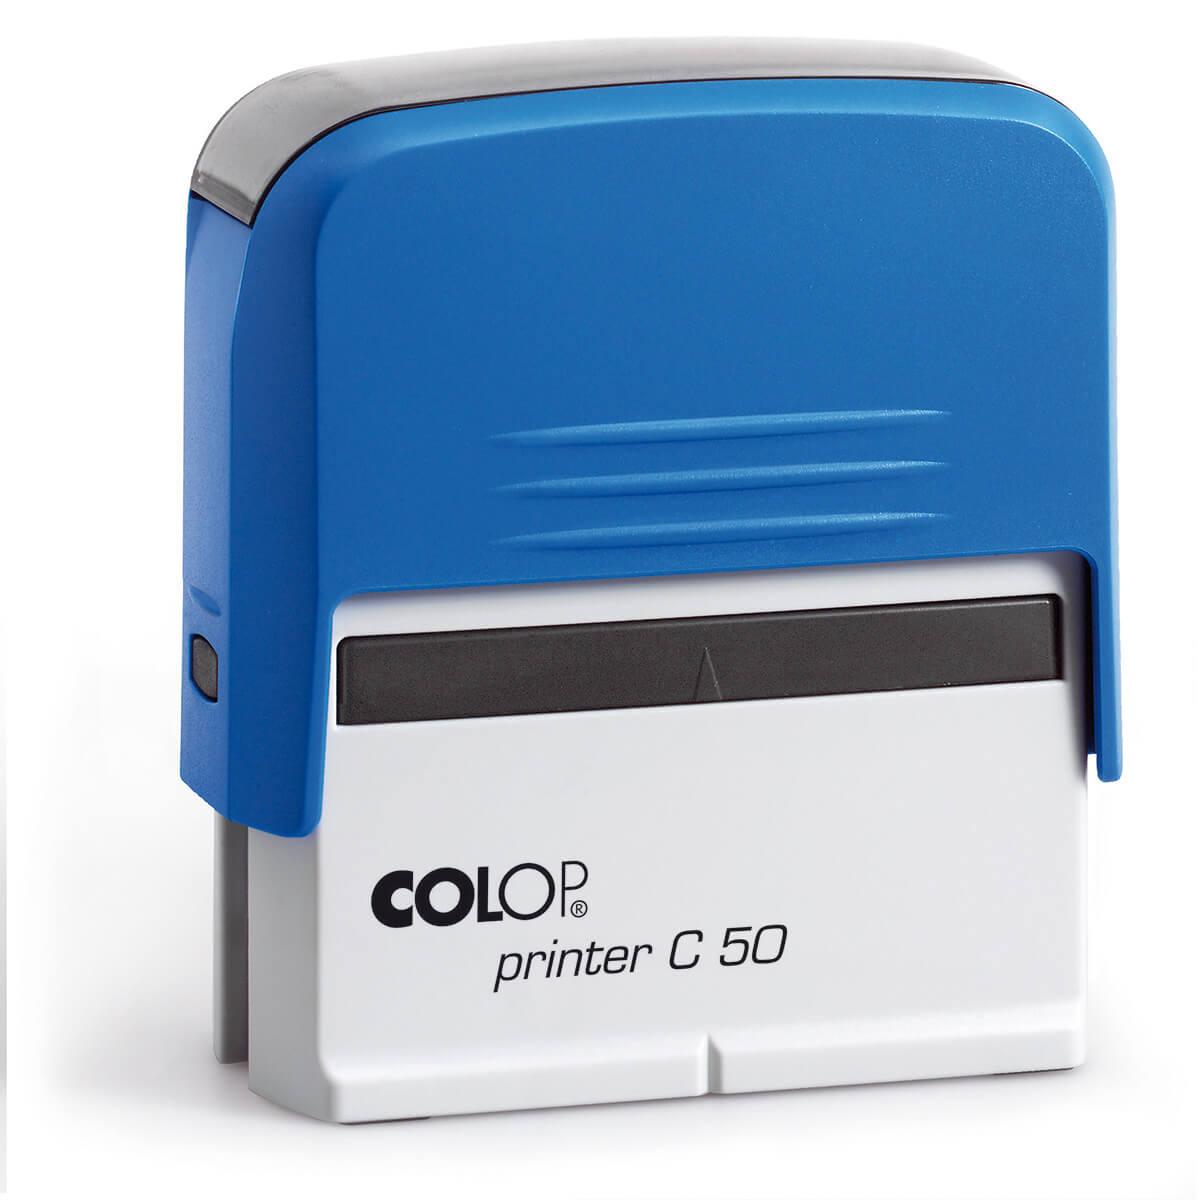 Colop Printer C50